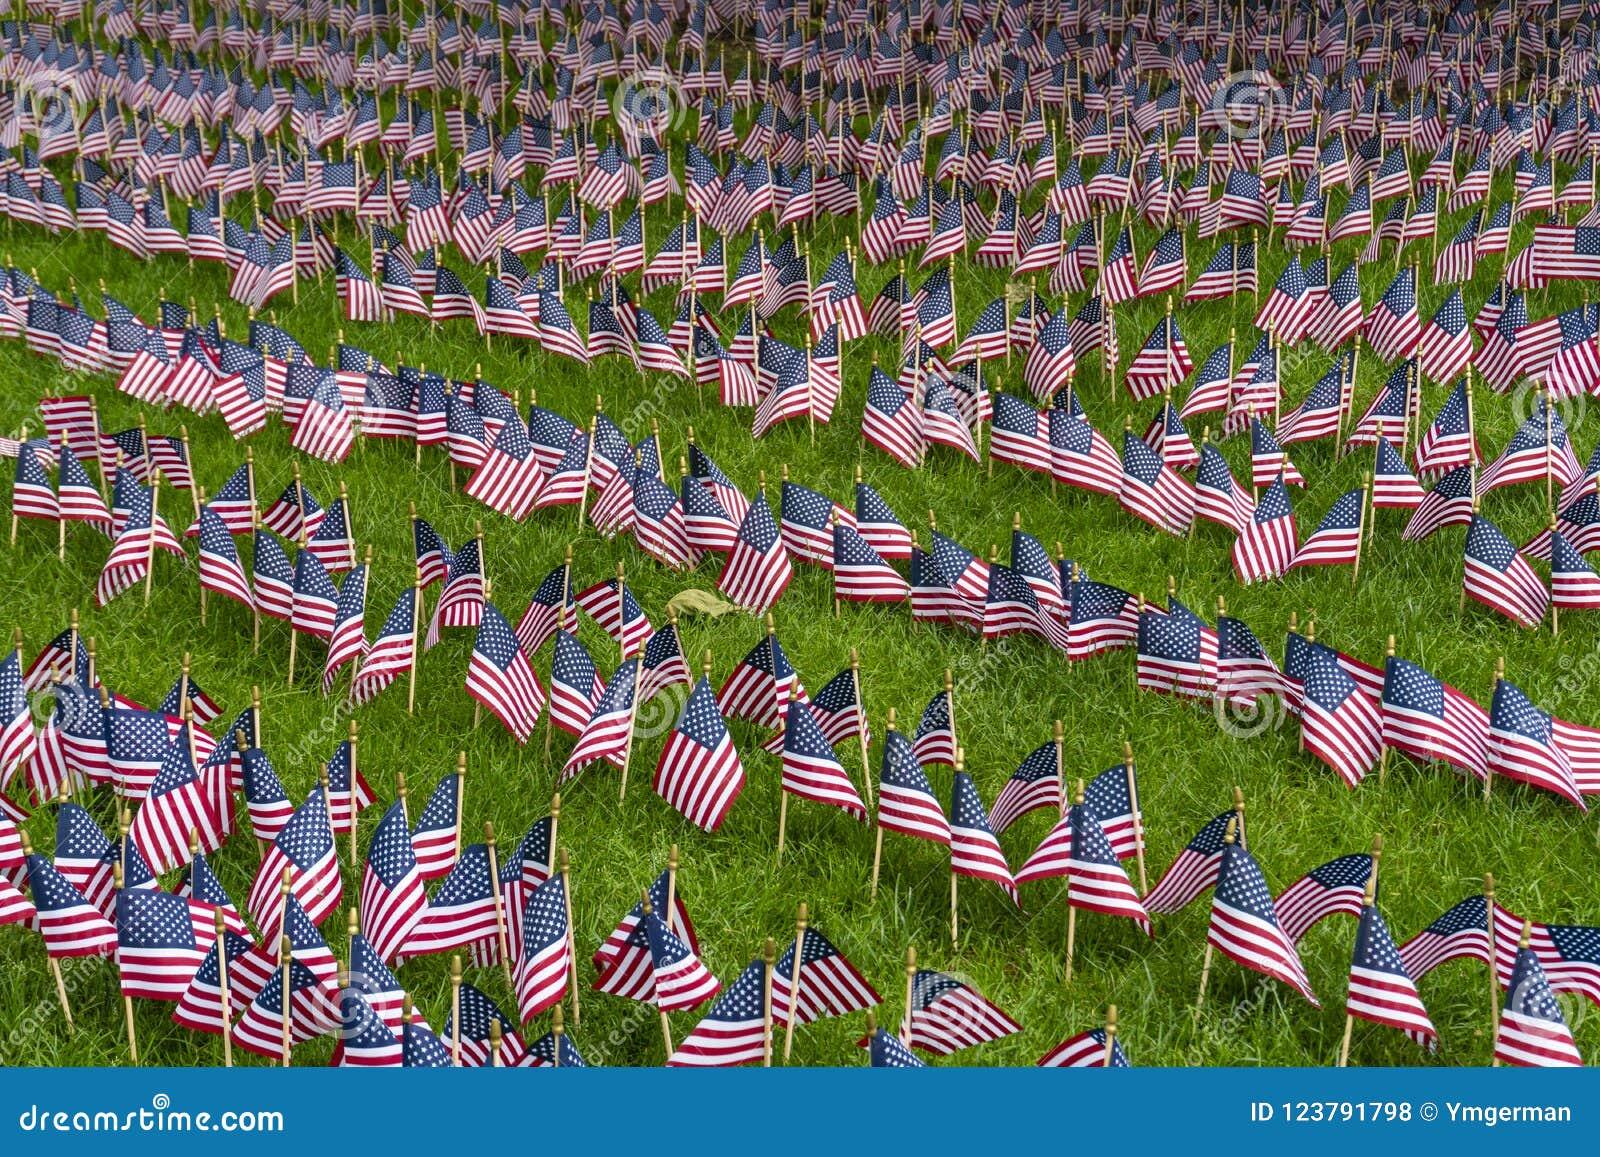 Grupo grande de banderas americanas en un césped